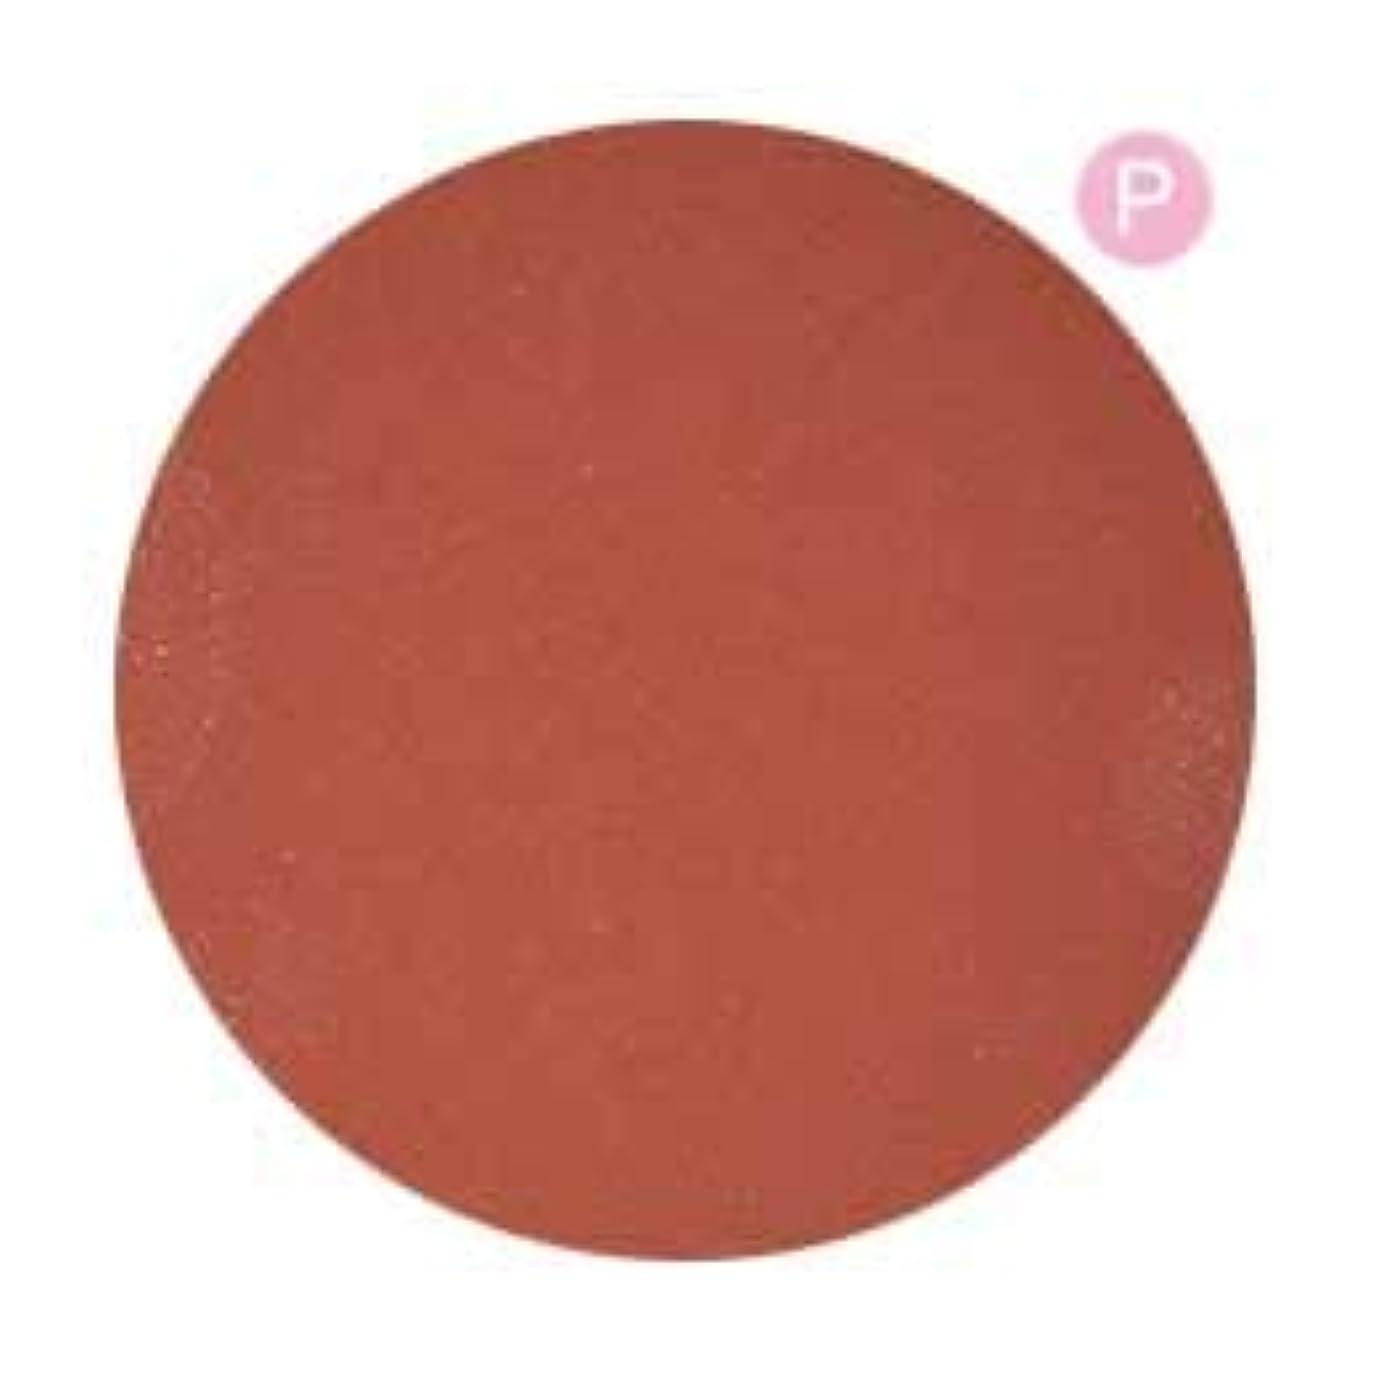 夜明けモトリー雑品PRE GEL カラージェル カラーEX コーラルパールルージュ-P 3g PG-CE571 UV/LED対応